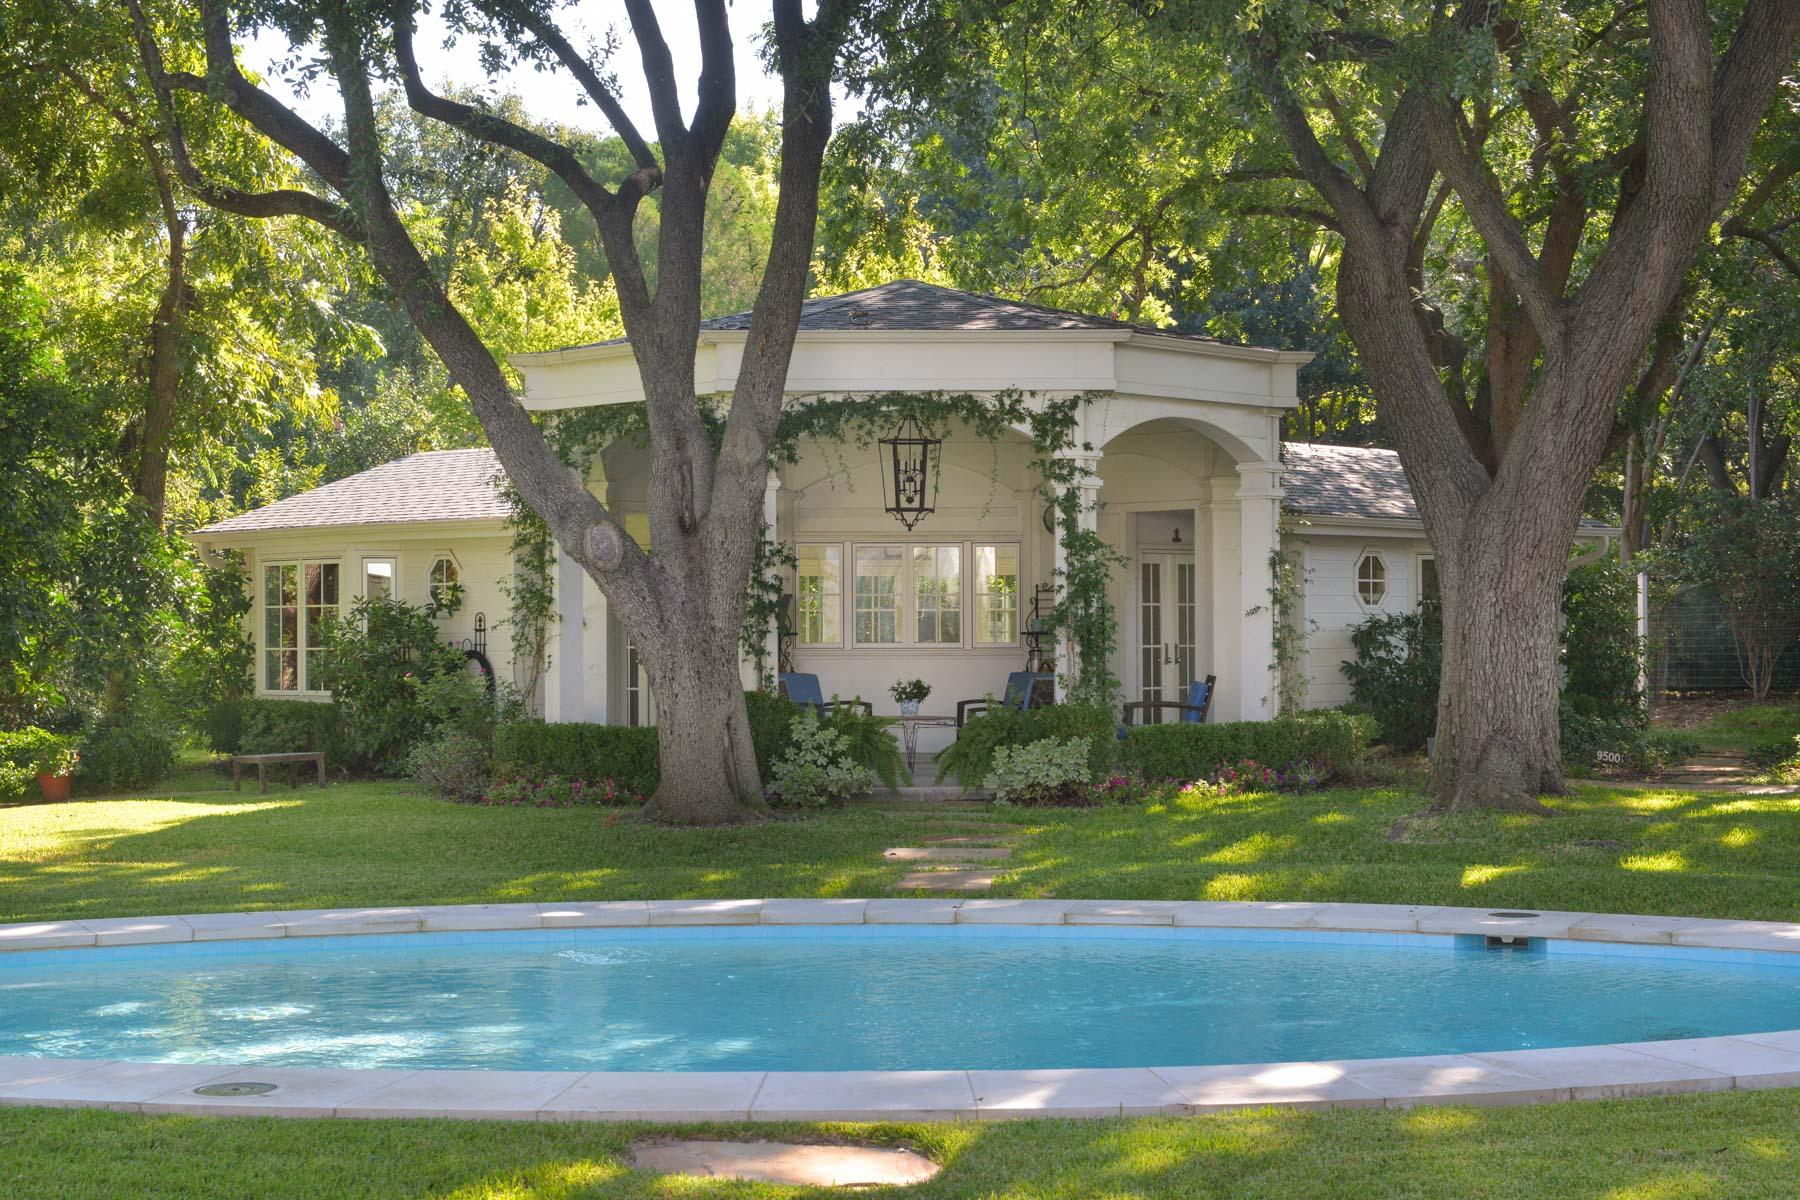 一戸建て のために 売買 アット Updated Preston Hollow Estate 9500 Inwood Rd Dallas, テキサス, 75220 アメリカ合衆国